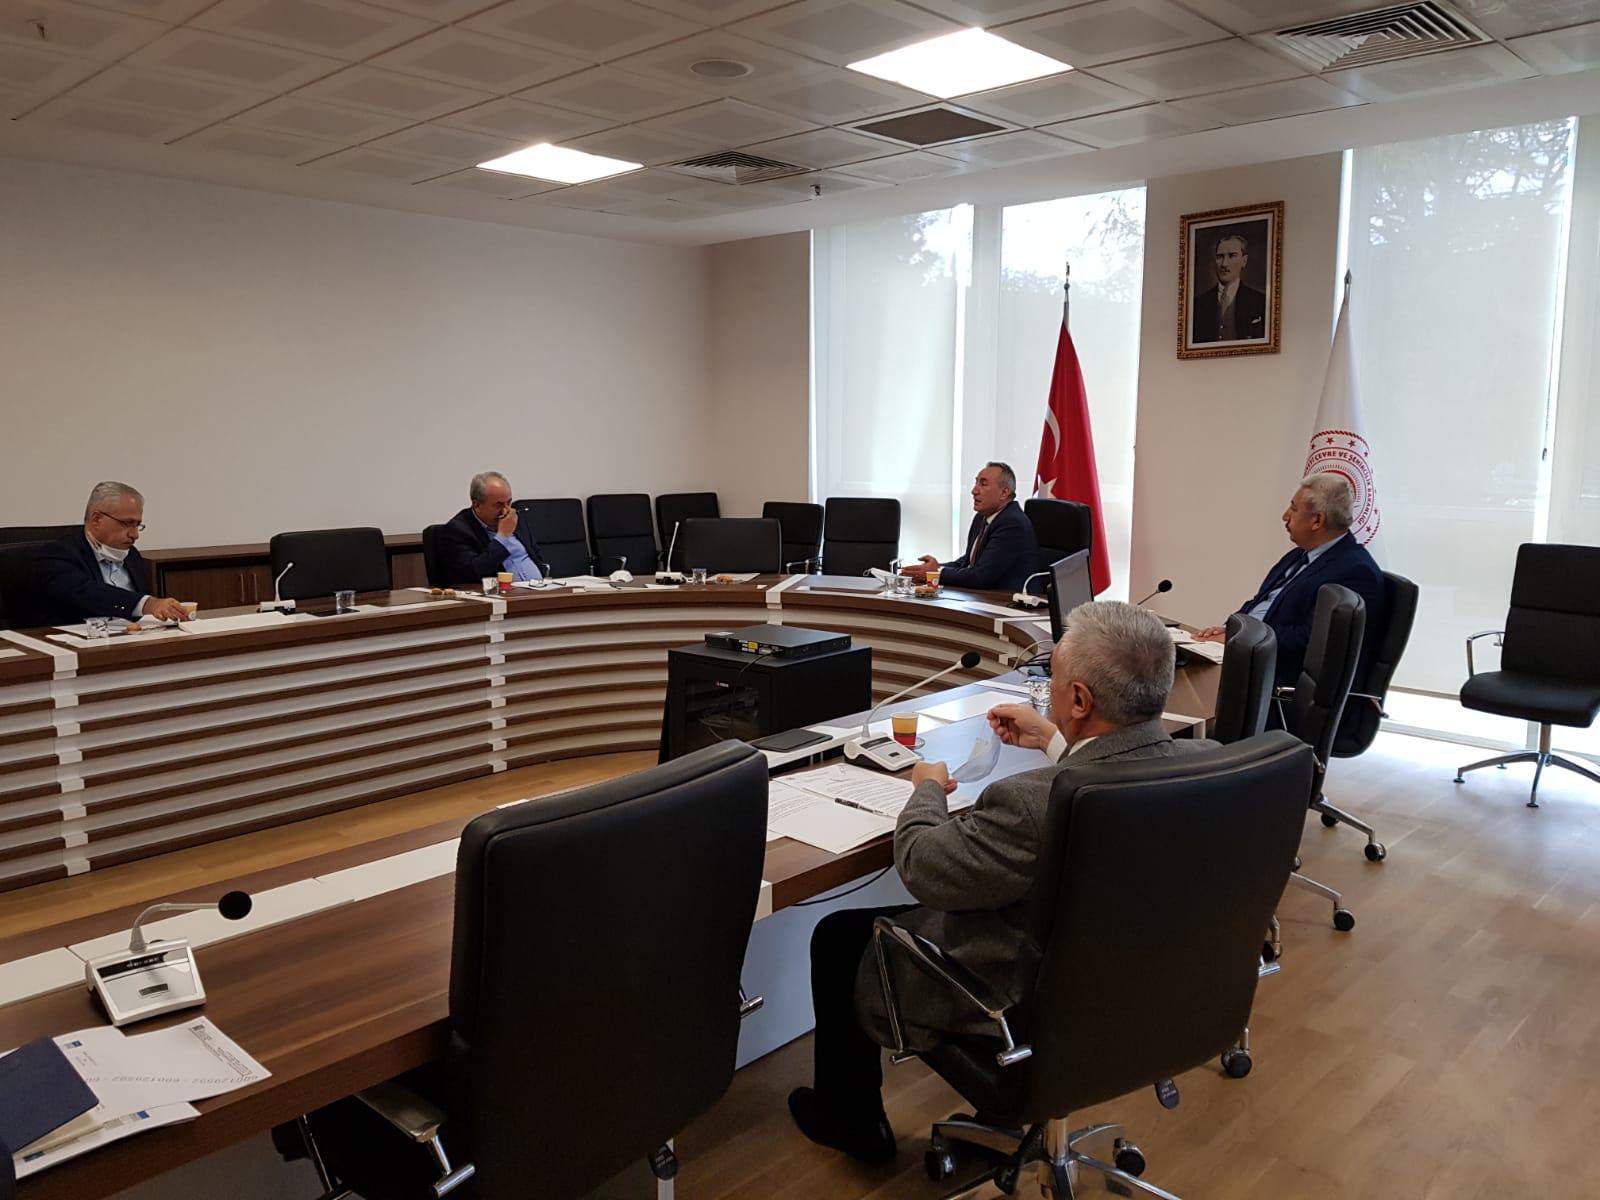 Bakanlığımız Kurum İdari Kurul toplantısı 11 Kasım 2020 tarihinde Genel Müdürümüzün Başkanlığında gerçekleştirilmiştir